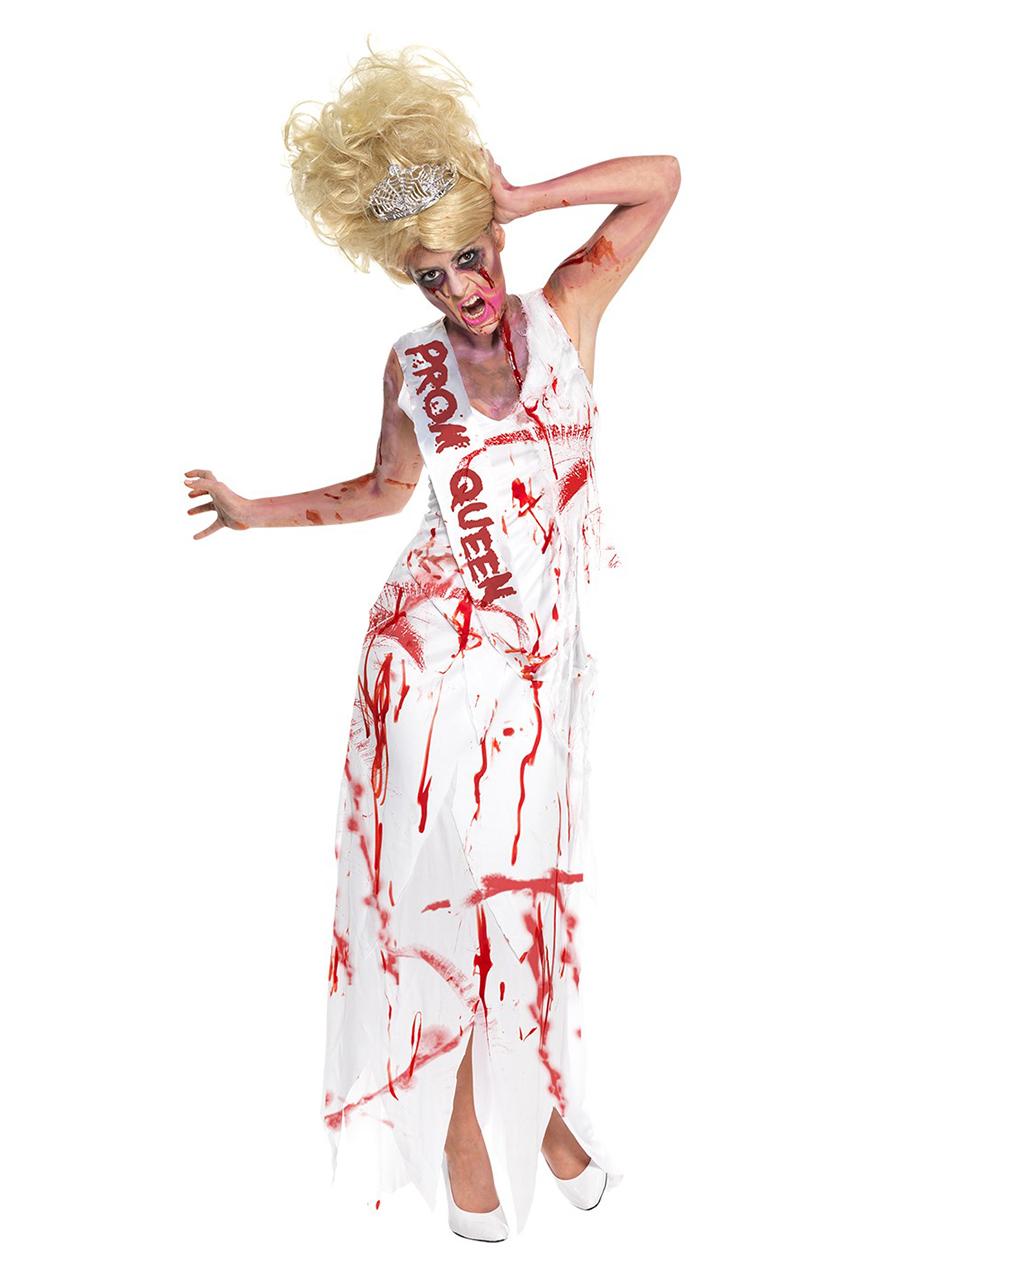 High School Horror Zombie Prom Queen   Zombie Prom Queen Kostüm ...